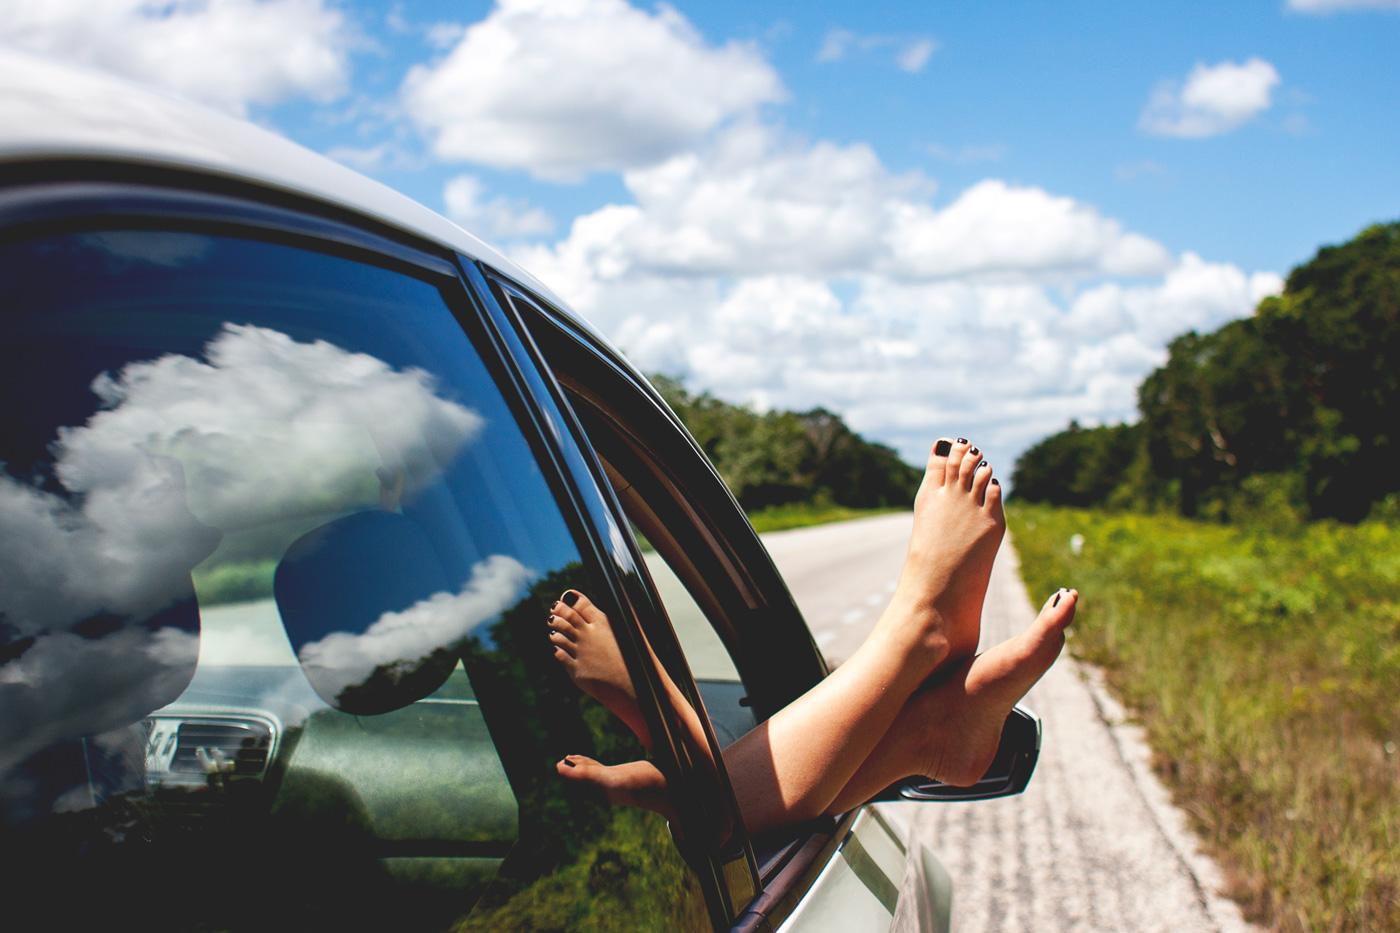 pedicure fai da te - piedi - finestrino auto